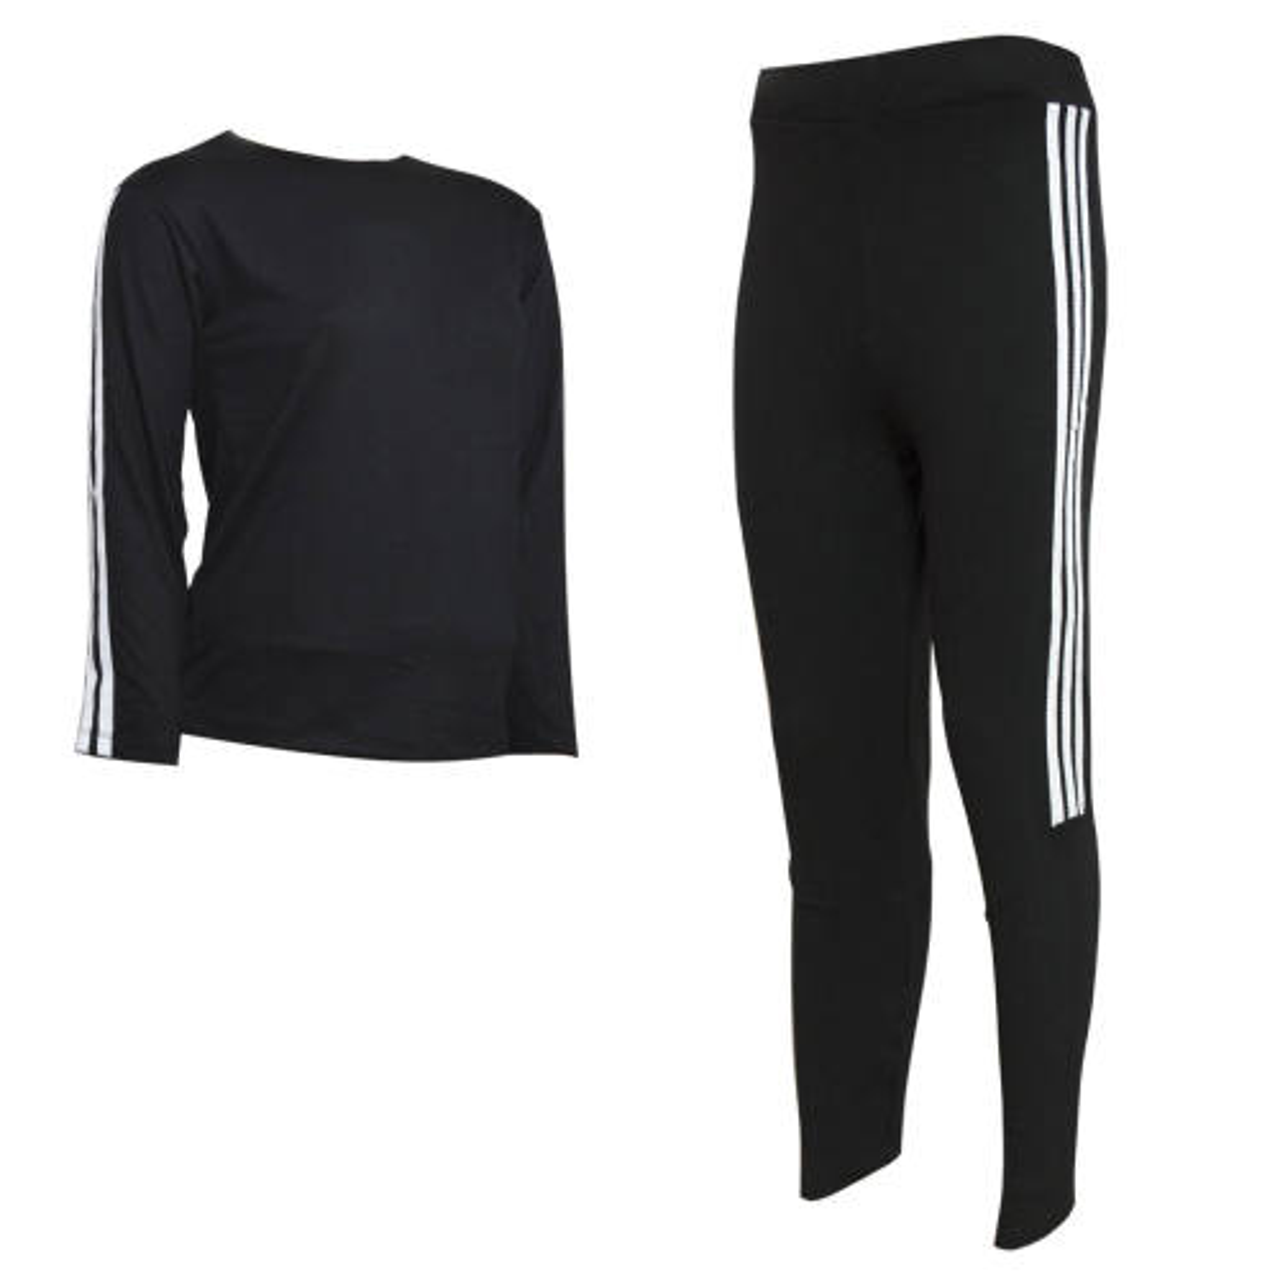 ست تی شرت و شلوار ورزشی زنانه فیتنس کد 3812